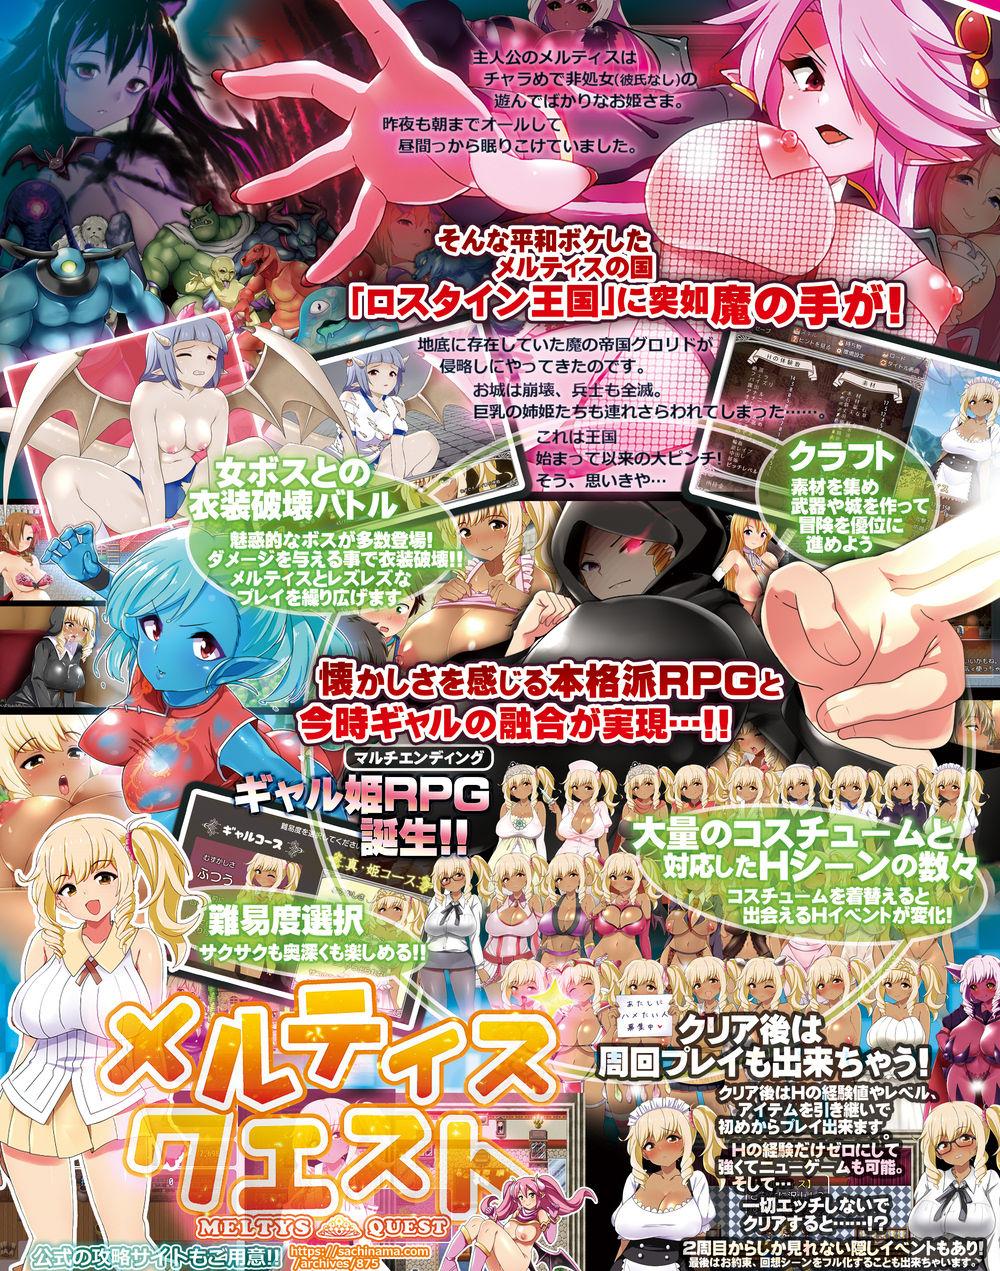 【ギャル姫RPG】 メルティス・クエスト Ver 1.1 画像1